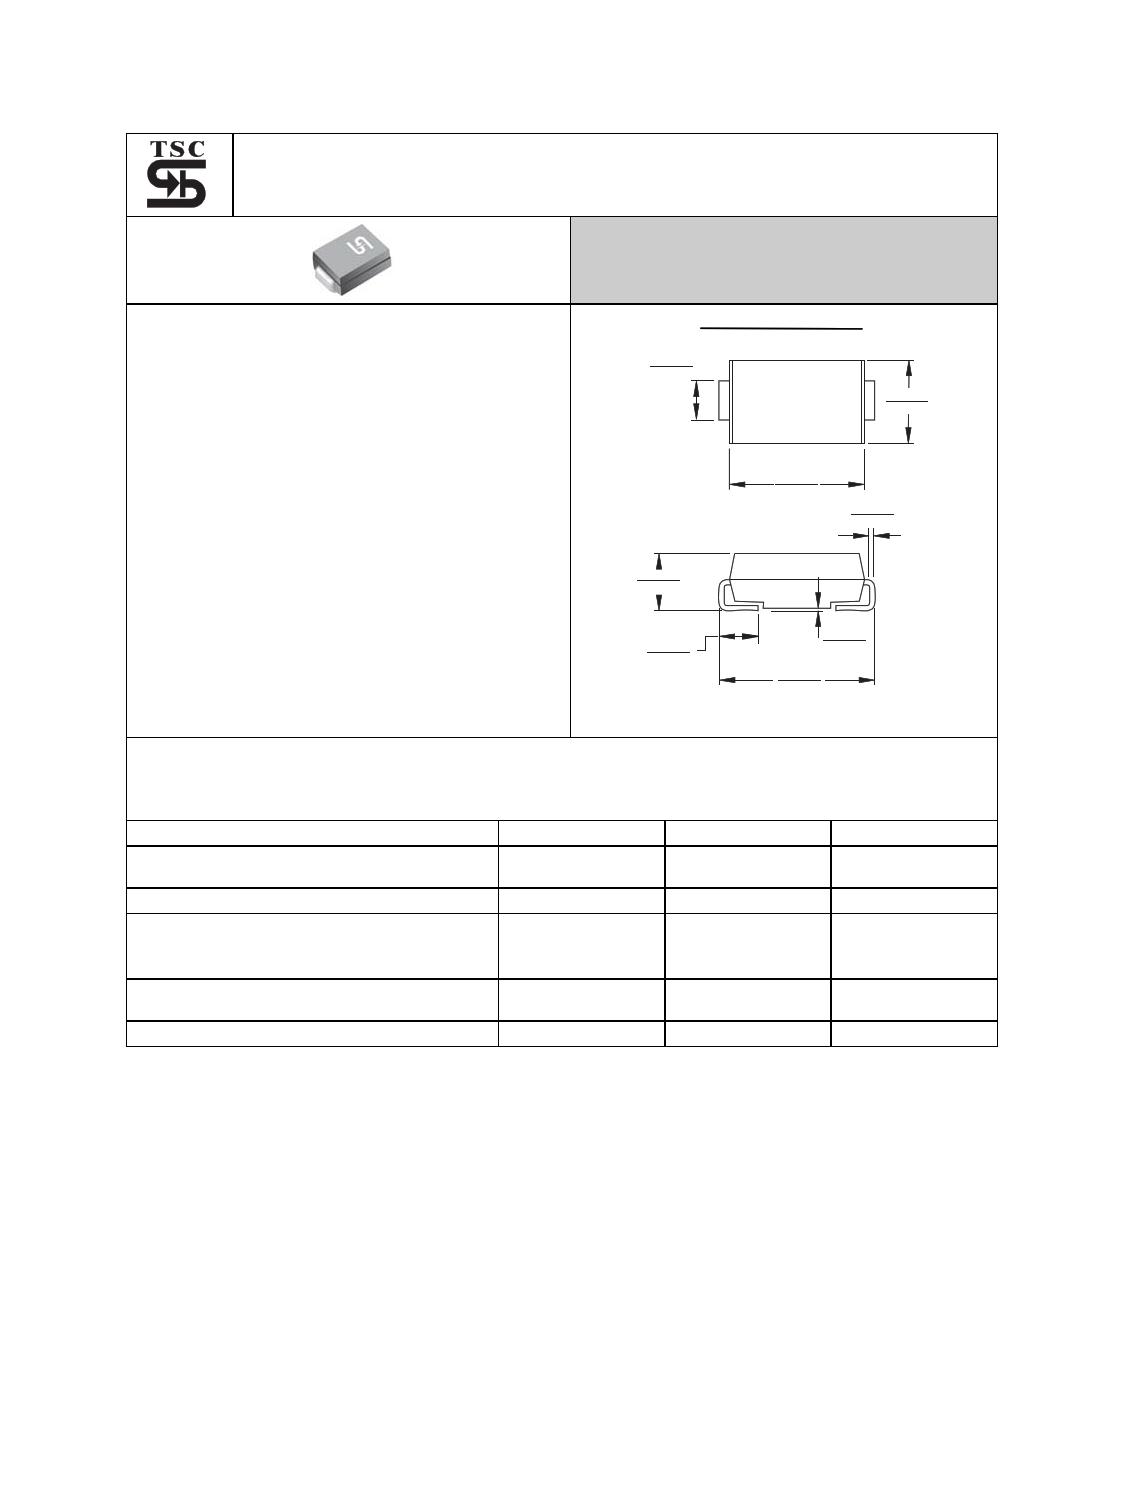 3.0SMCJ10A دیتاشیت PDF